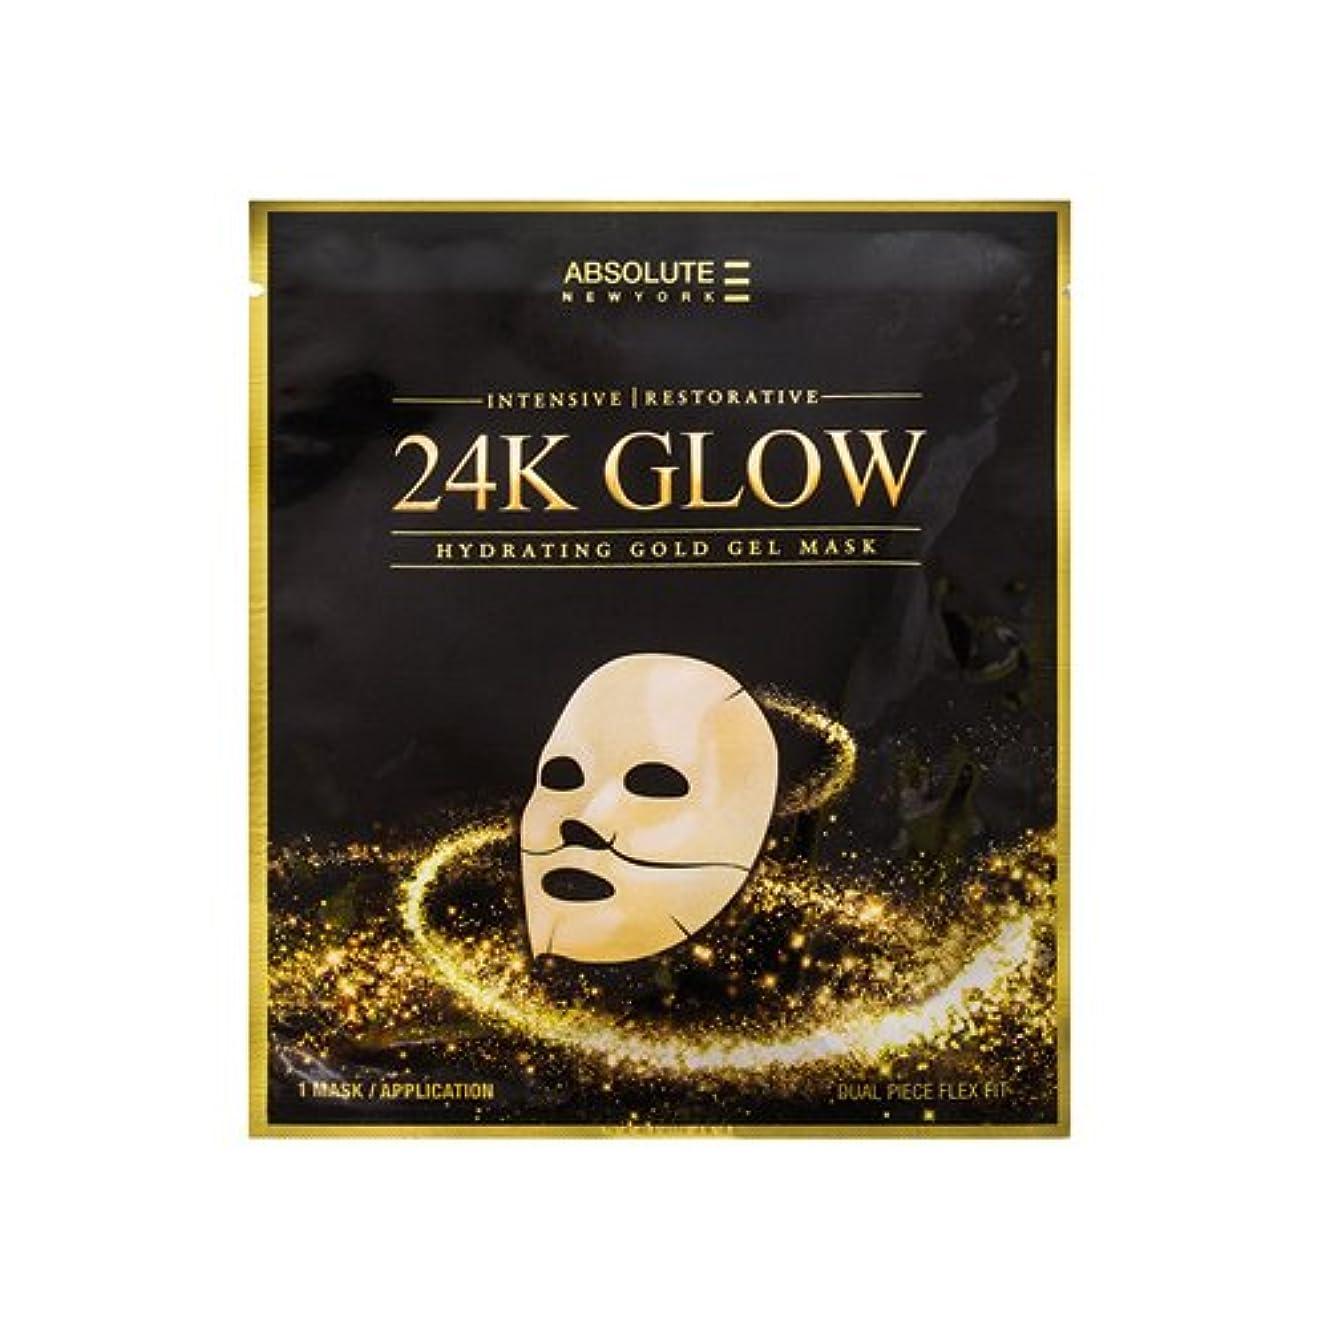 Absolute 24K Glow Gold Gel Mask (並行輸入品)